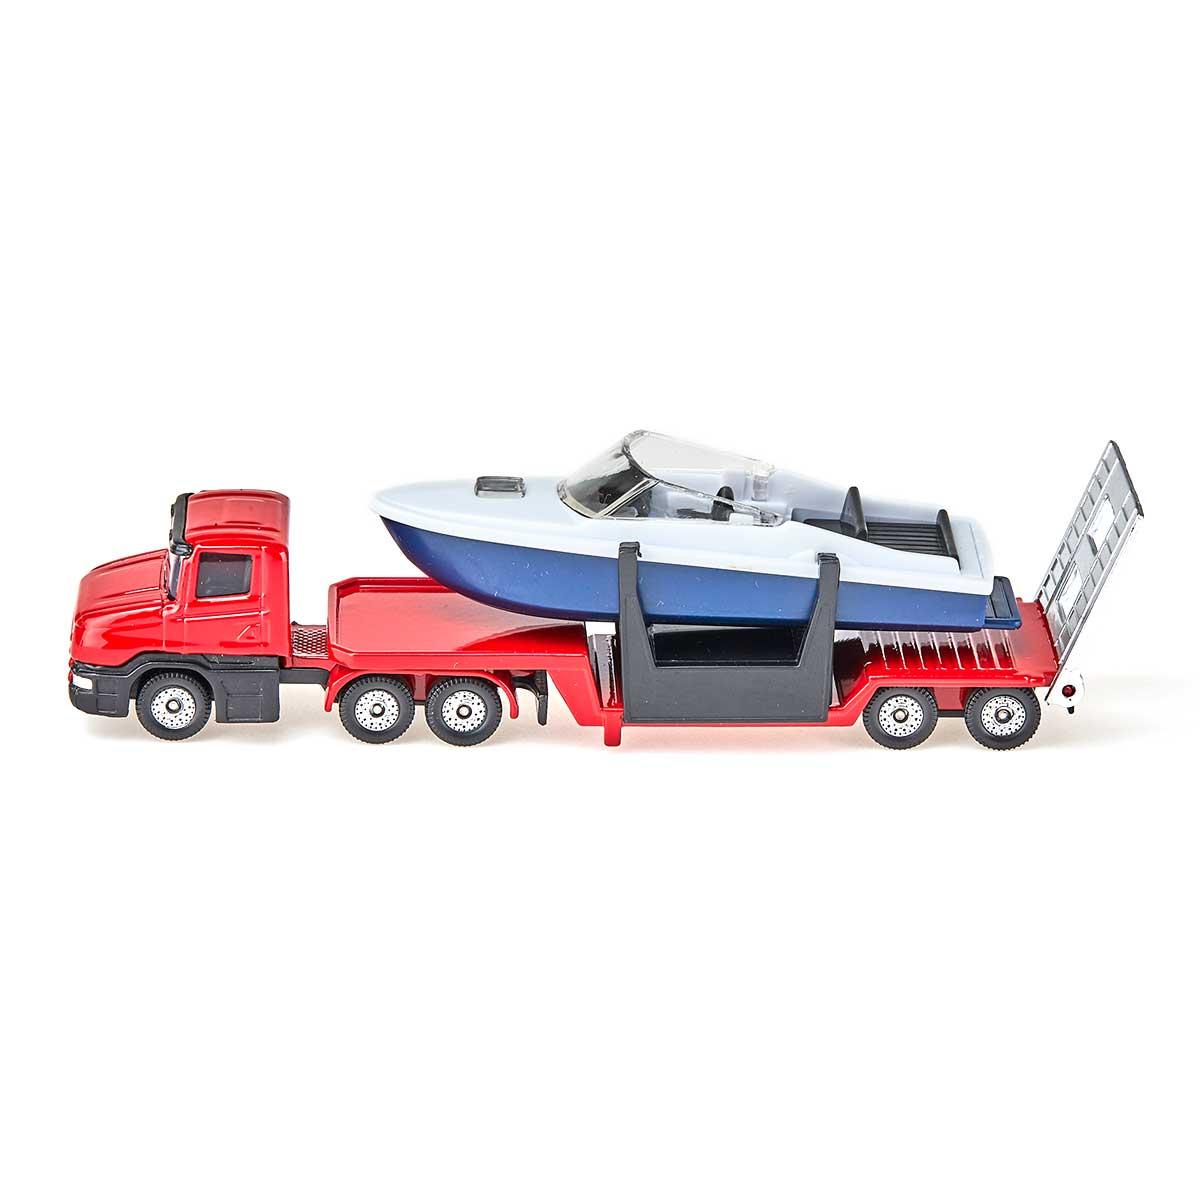 モーターボート輸送トレーラー(ジク・SIKU)